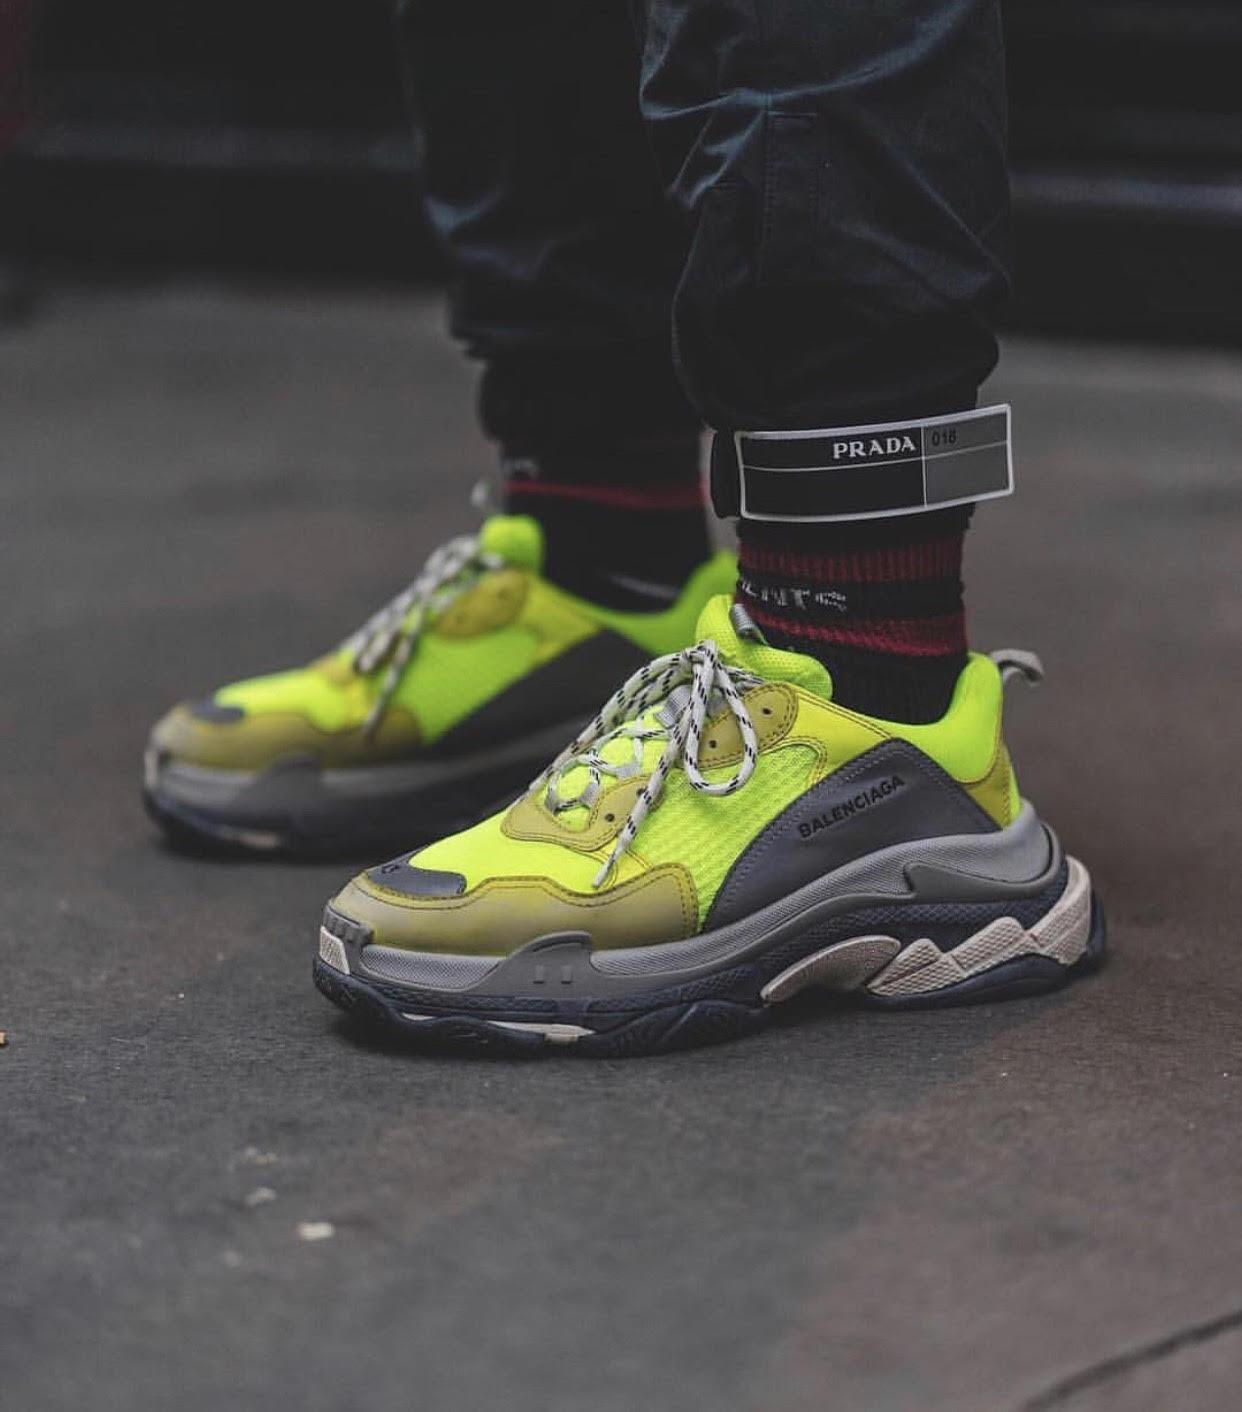 elección A merced de Tortuga  How To Spot Fake Balenciaga Triple S Sneakers - Brands Blogger